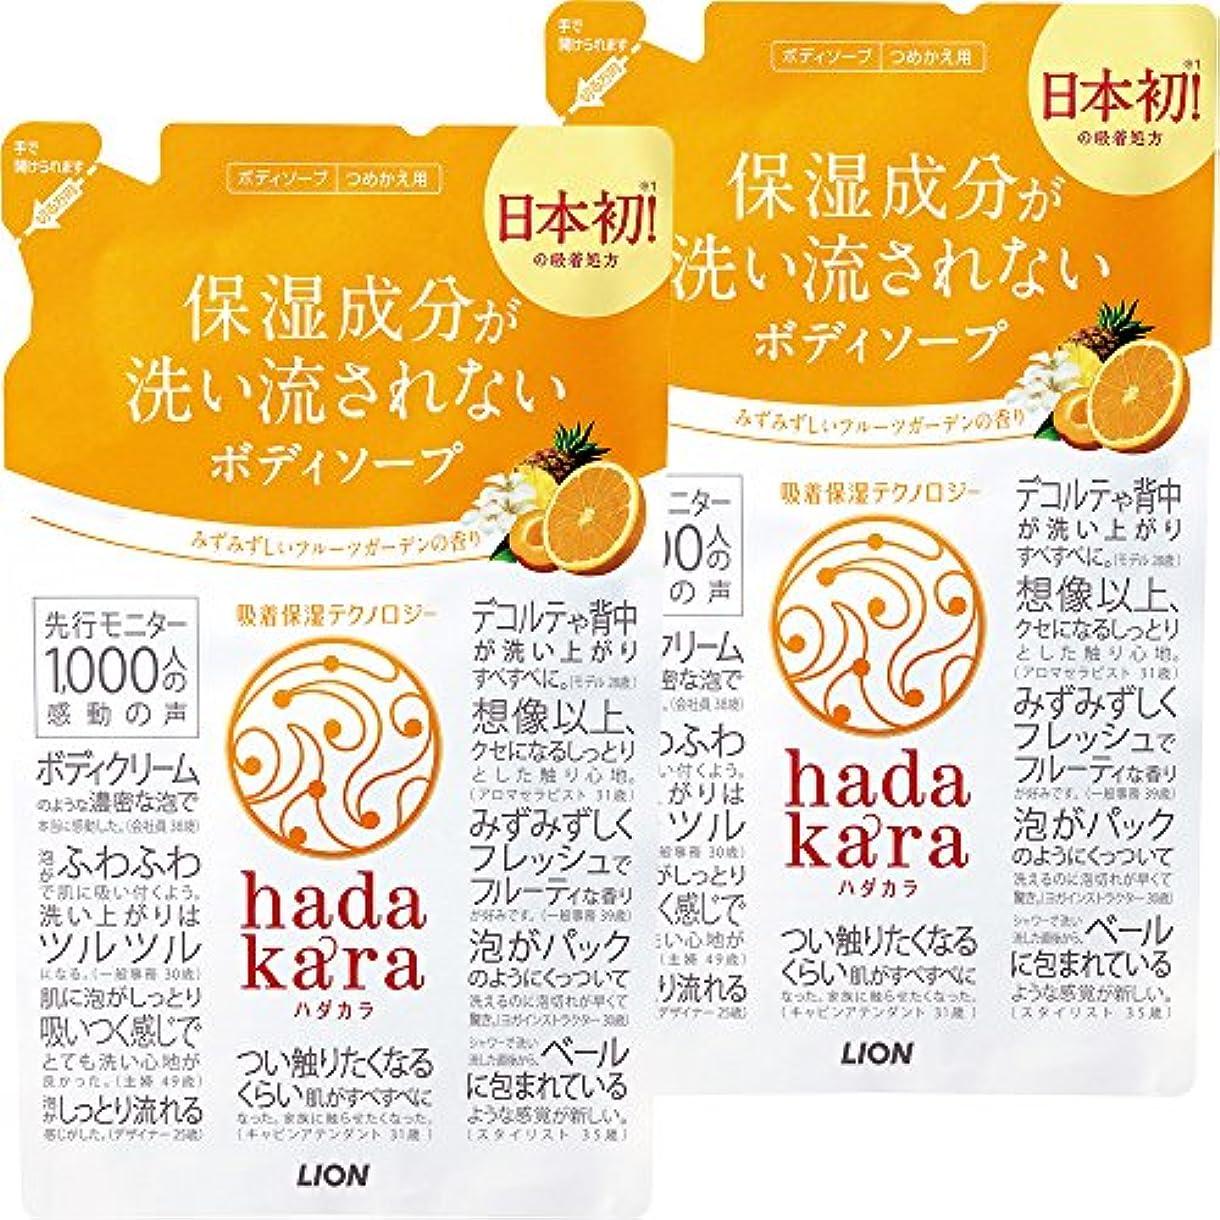 【まとめ買い】hadakara(ハダカラ) ボディソープ フルーツガーデンの香り 詰め替え 360ml×2個パック